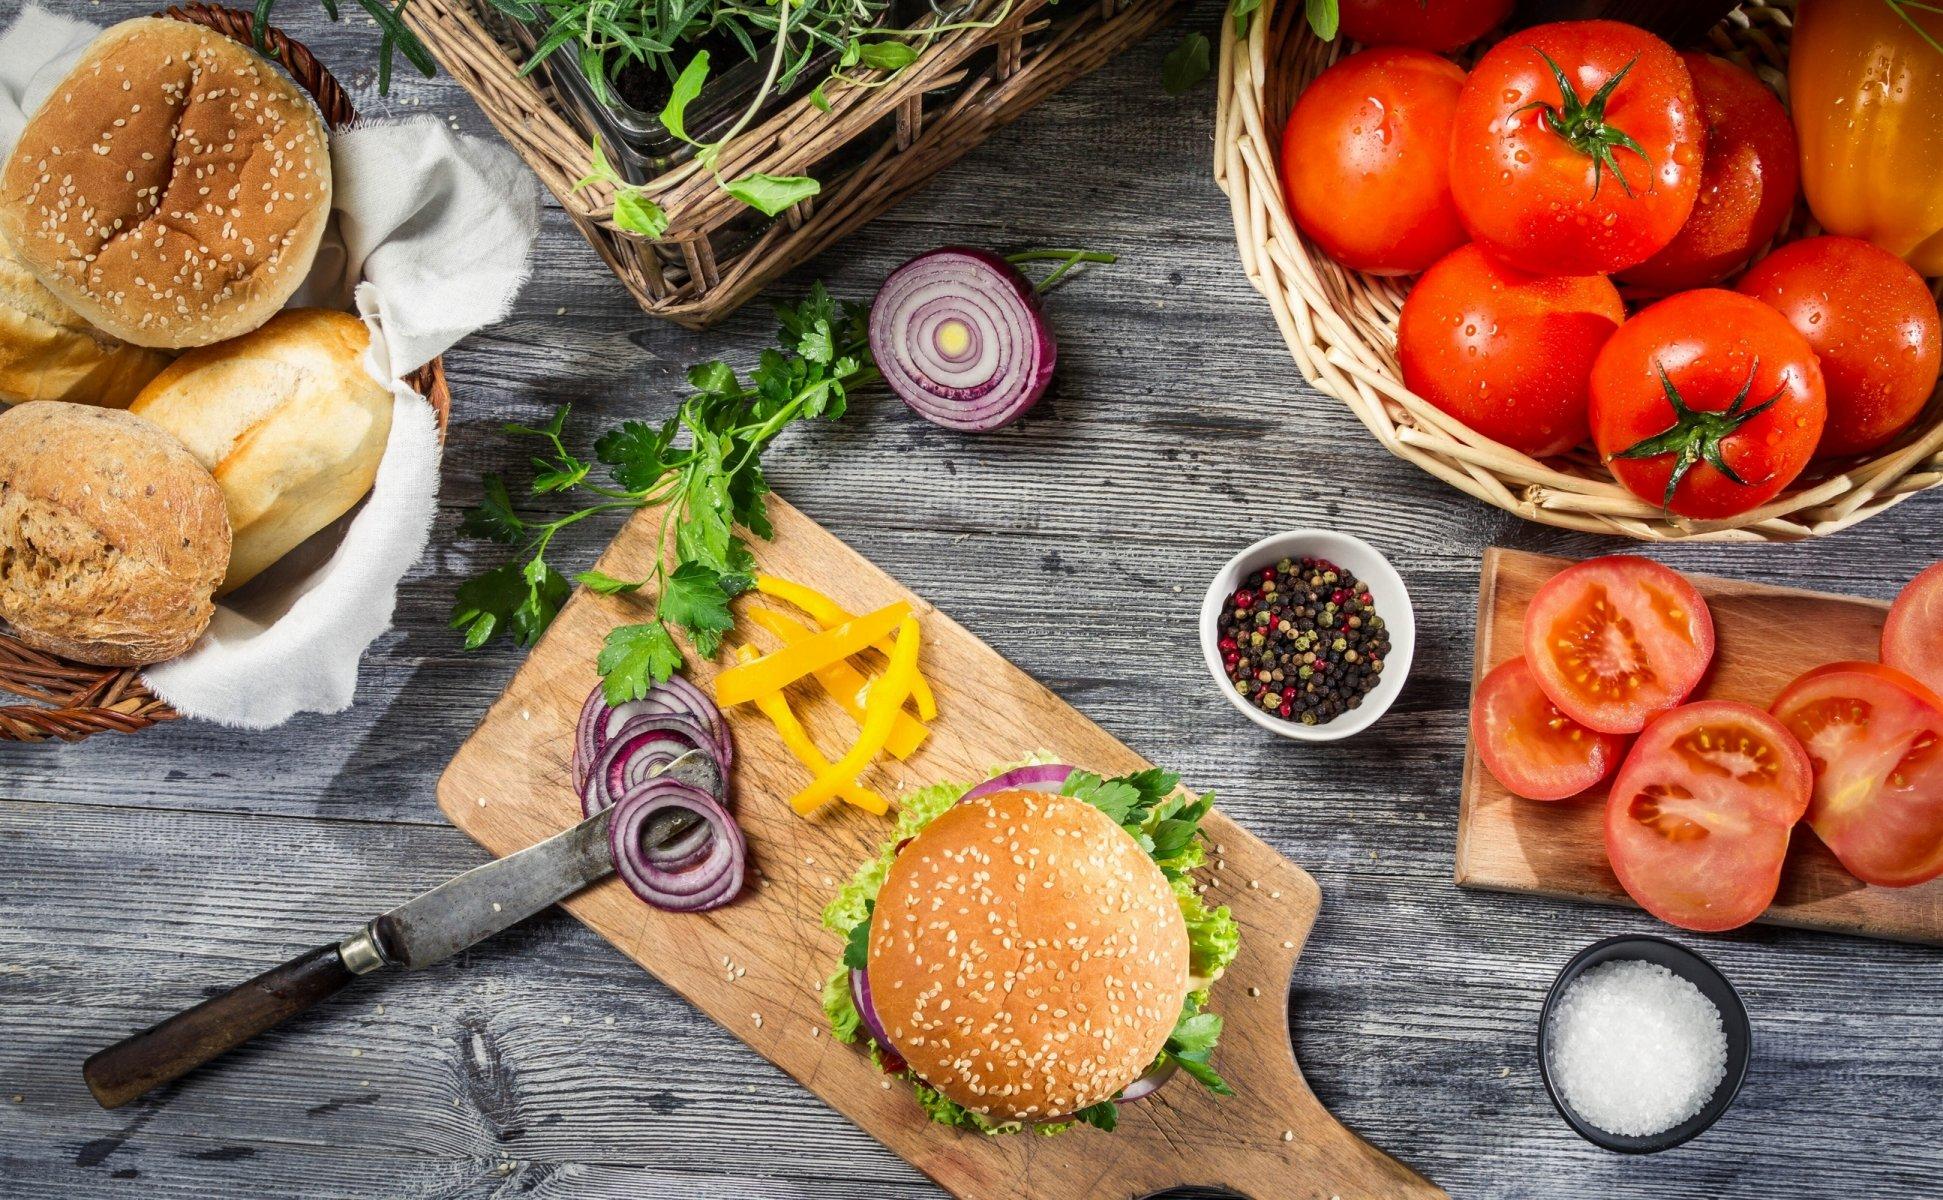 Картинки на кулинарный сайт